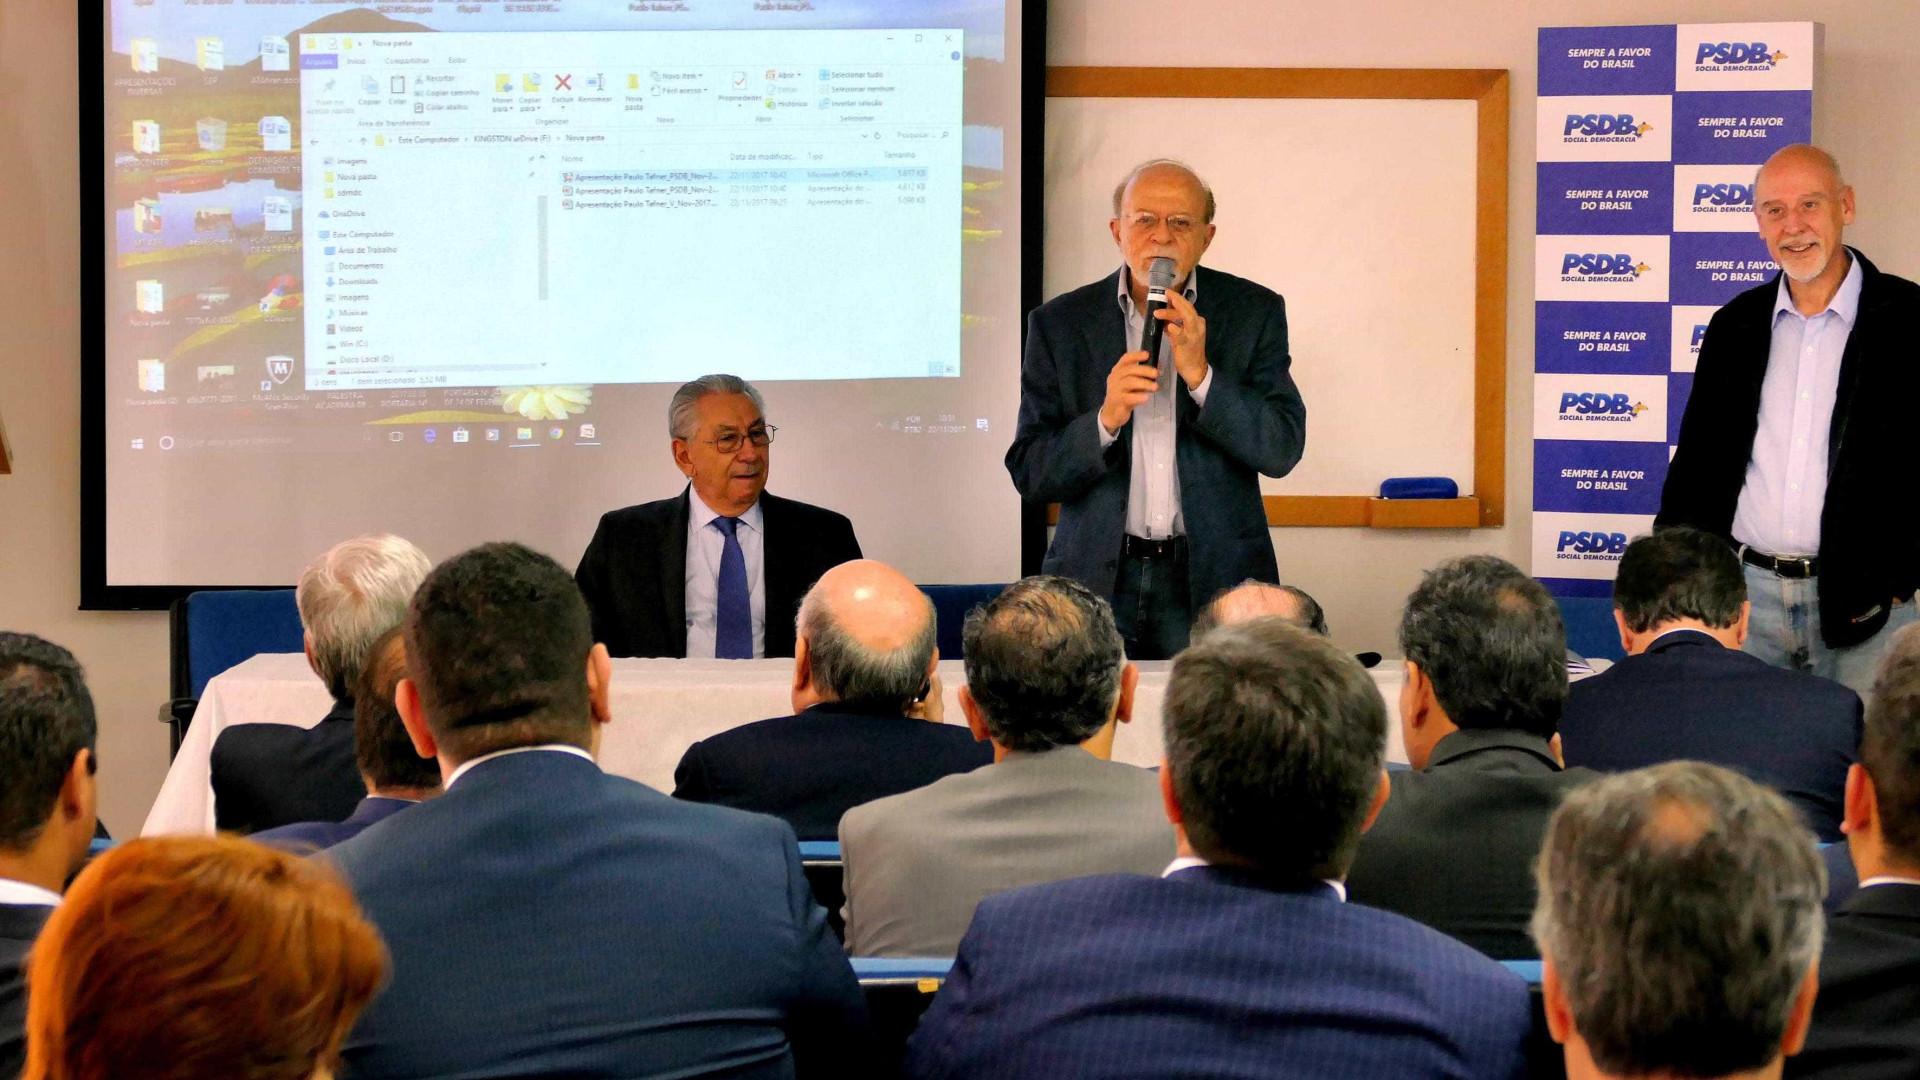 Previdência: Alckimin vem a Brasília, mas não convence PSDB a fechar questão